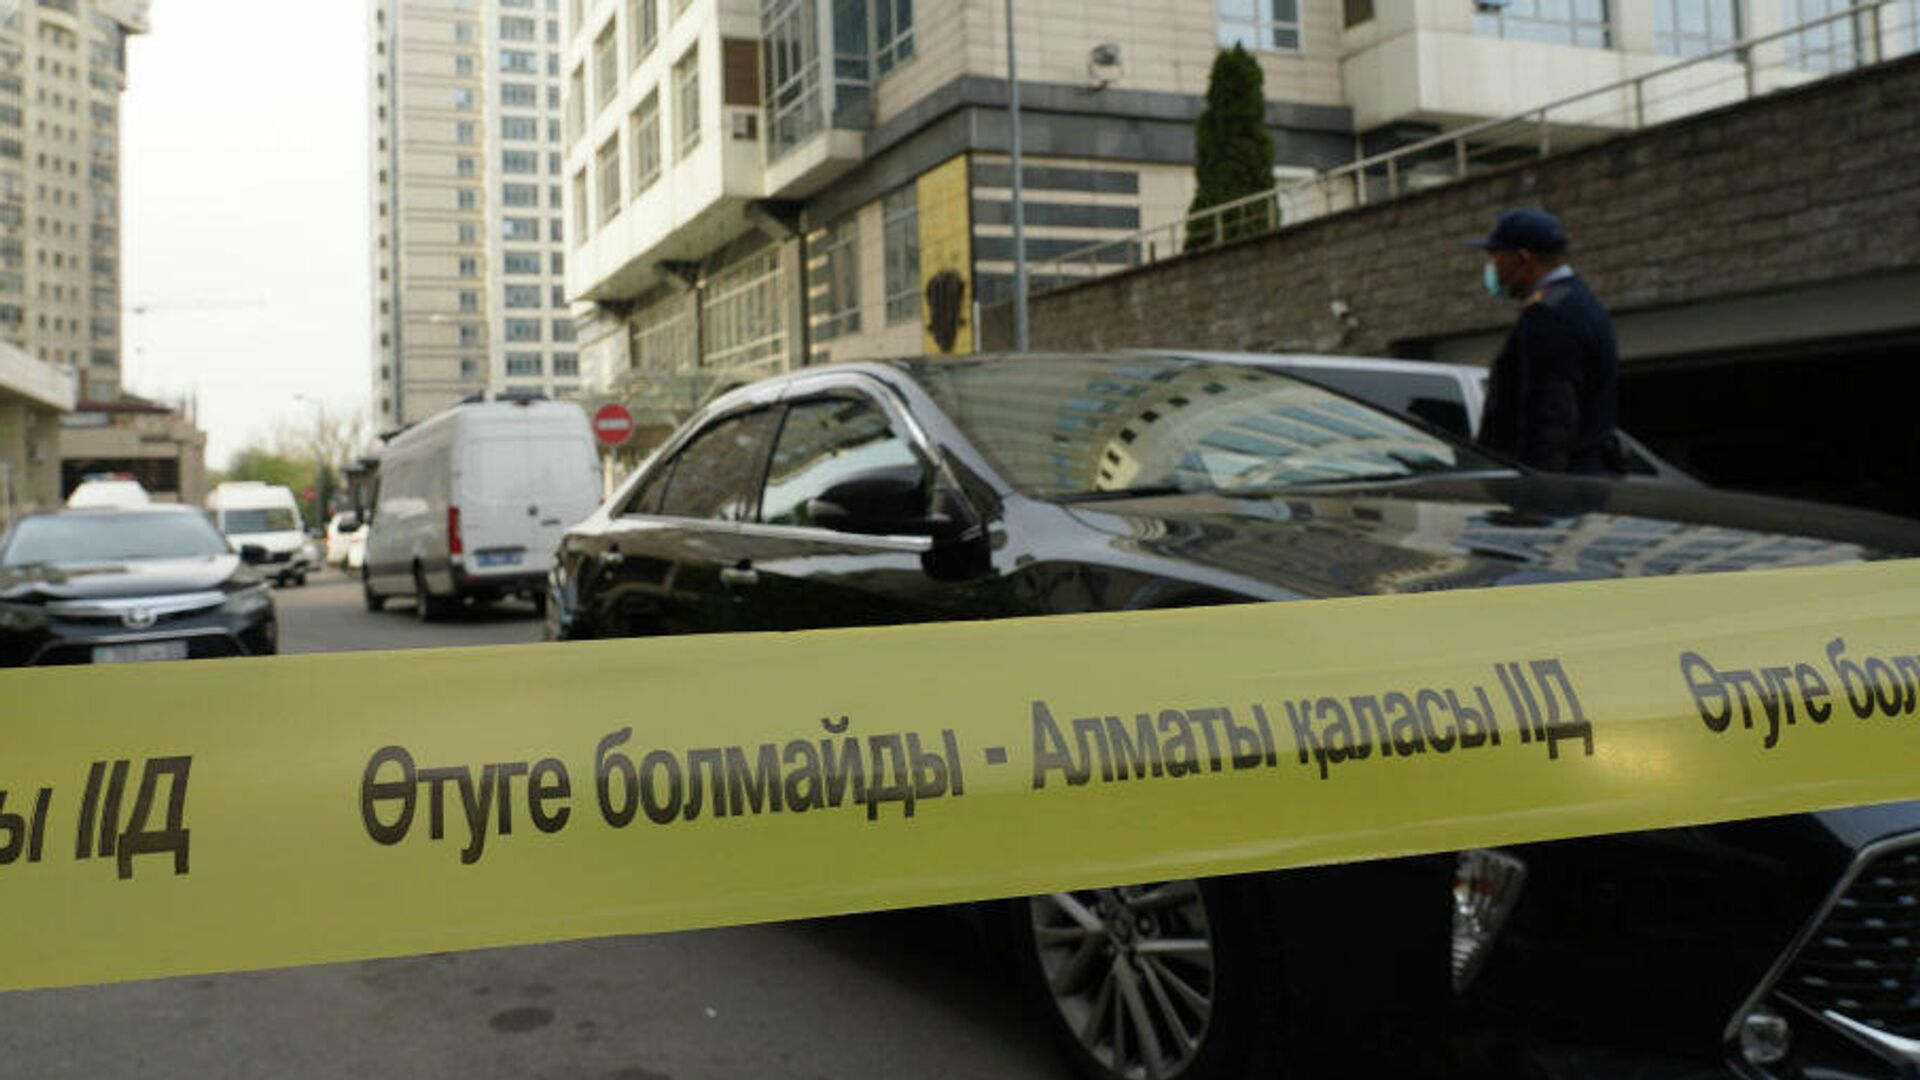 Застрелившийся при штурме квартиры в Алма-Ате был россиянином